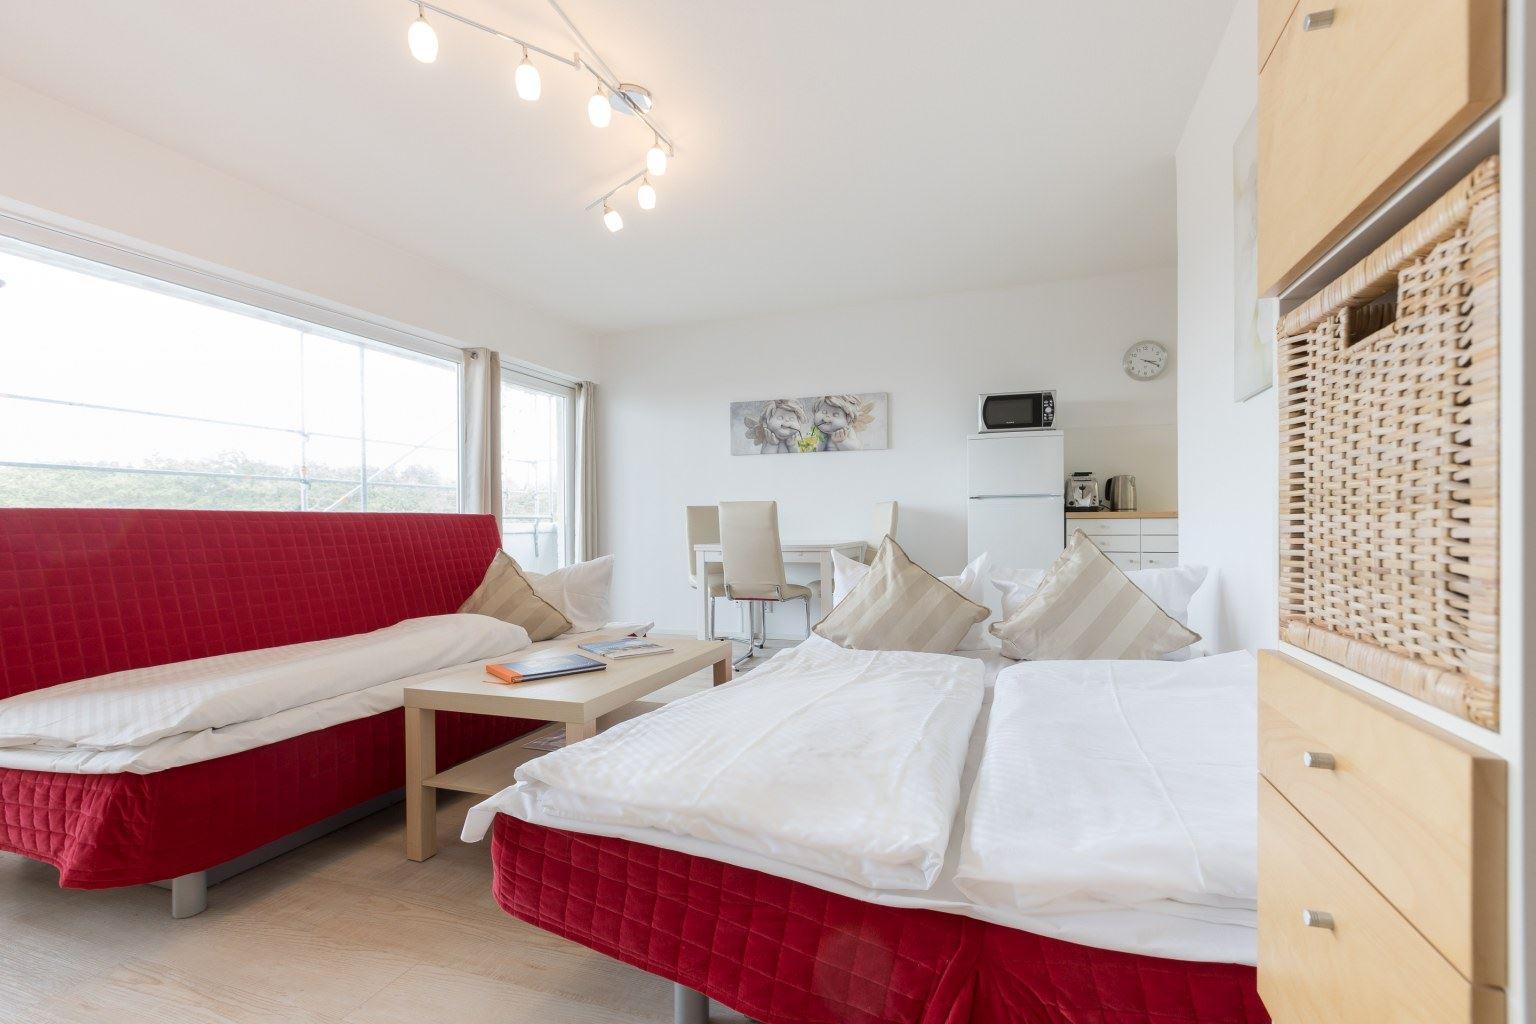 Wohnzimmer mit Schlafsofas - Haus Luv und Lee, Wohnung 28, Im Bad 18, St. Peter-Bad